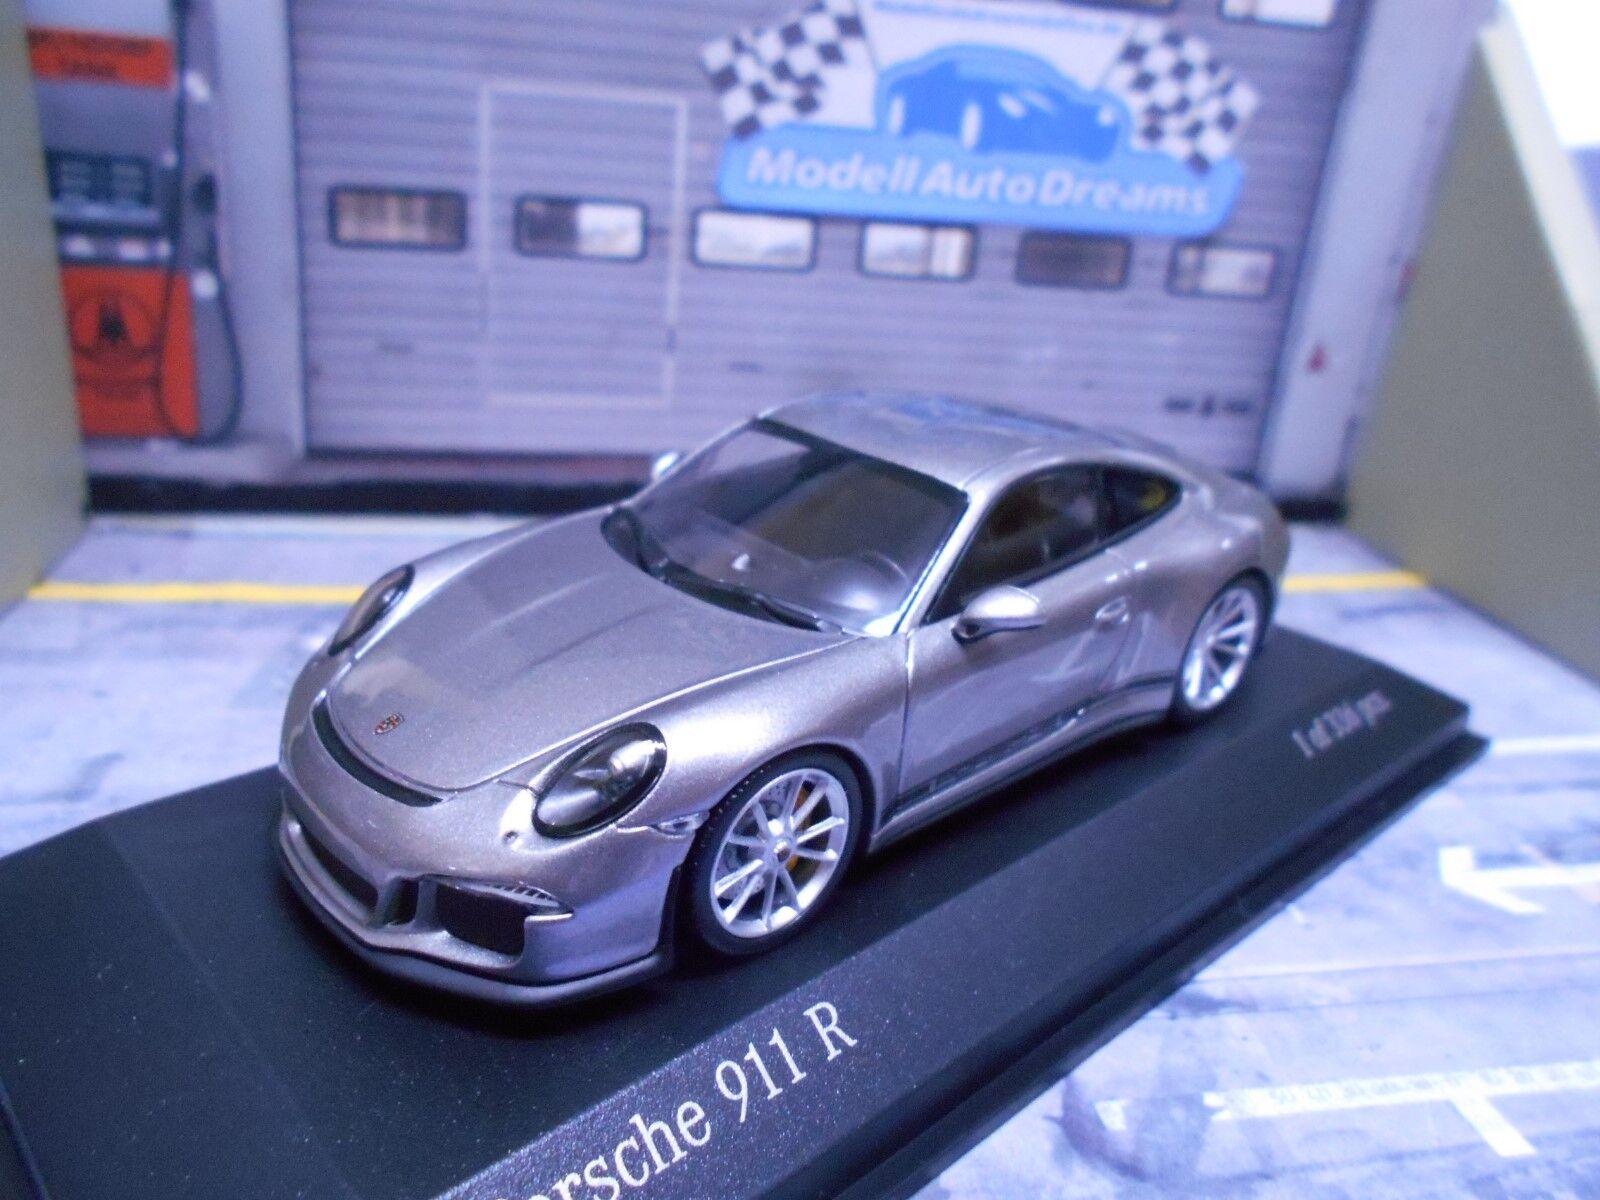 ventas en linea Porsche 911 911 911 991 R 2016 Coupe plata con negro fuente Minichamps Limited 1 43  ordene ahora los precios más bajos